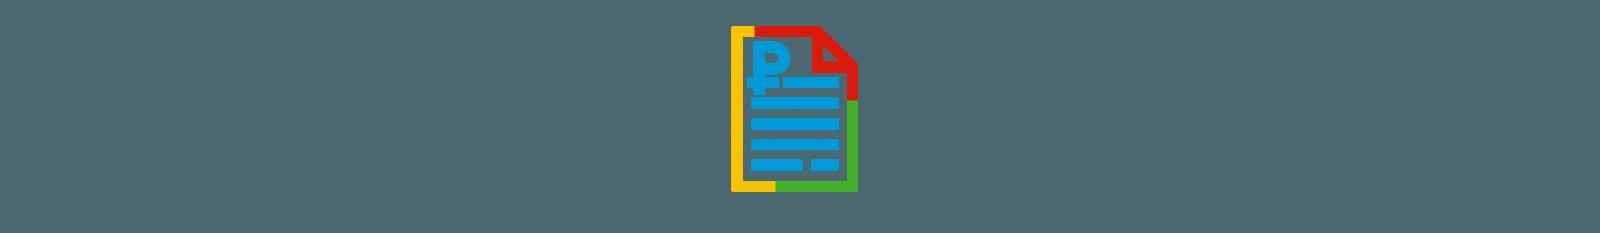 Карнет АТА: особенности, срок действия, порядок оформления